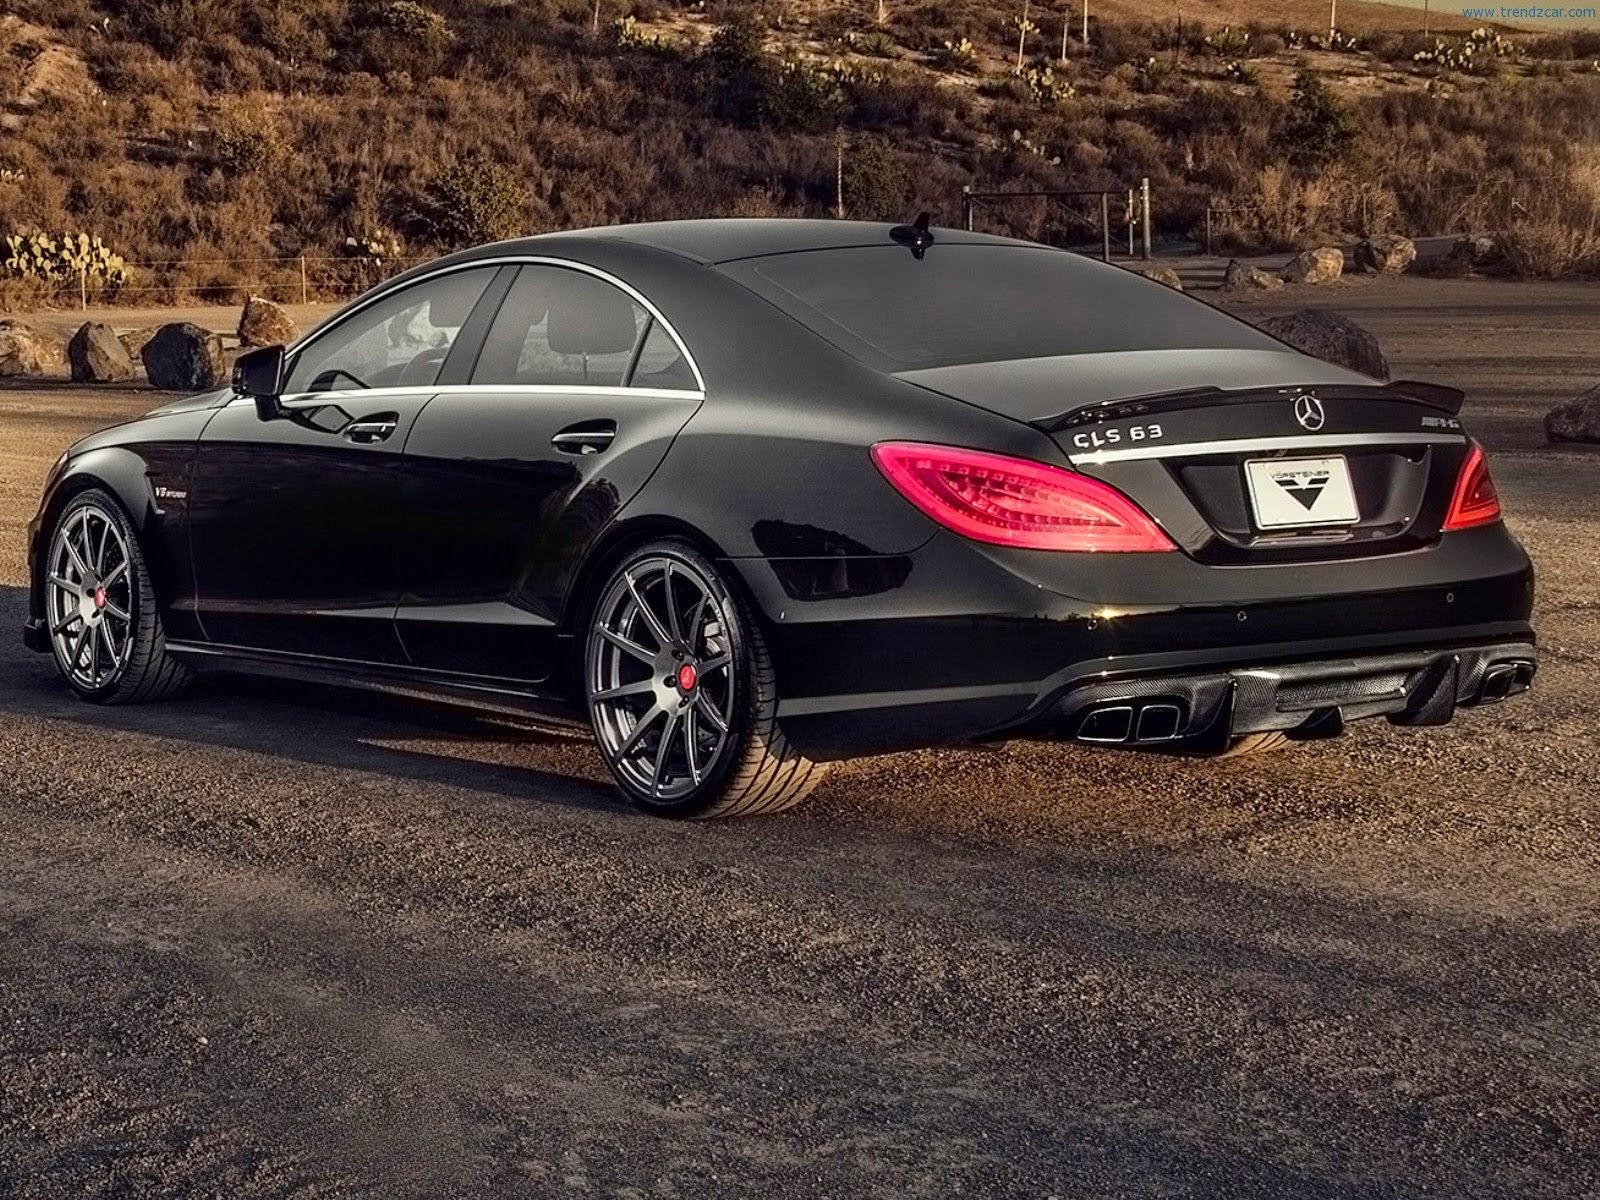 Mercedes benz cls63 amg by vorsteiner benztuning for Mercedes benz cls 63 amg coupe